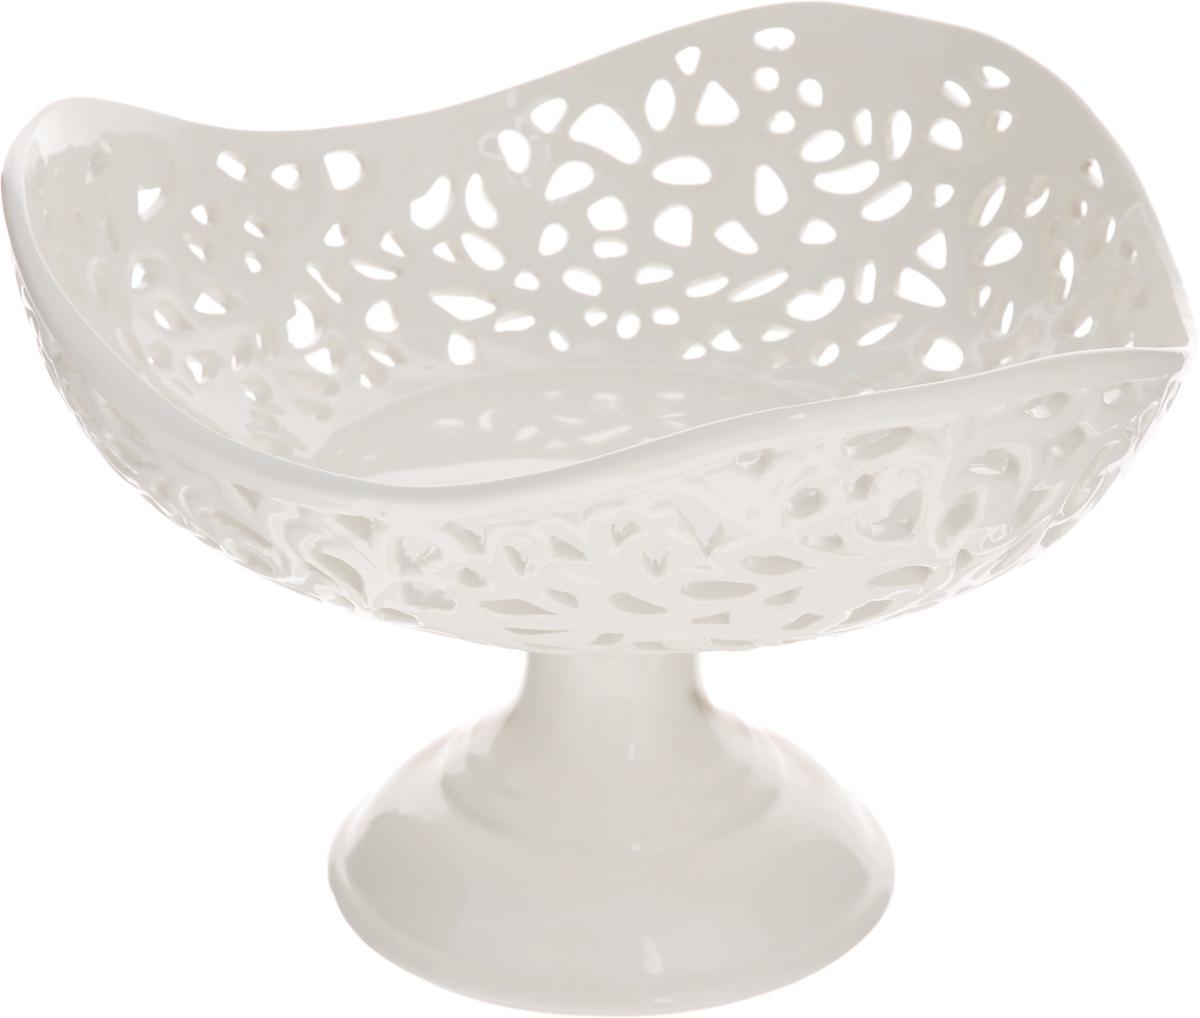 Конфетница Mayer & Boch Ажур, 23 х 23 х 15,5 см23817Конфетница Mayer & Boch Ажур, изготовленная из высококачественного доломита, украшена оригинальным ажурным узором. Стильная форма и интересное исполнение идеально впишутся в любой стиль, а универсальный белый цвет подойдет к любой мебели.Такая конфетница принесет новизну в вашу кухню и приятно порадует глаз.